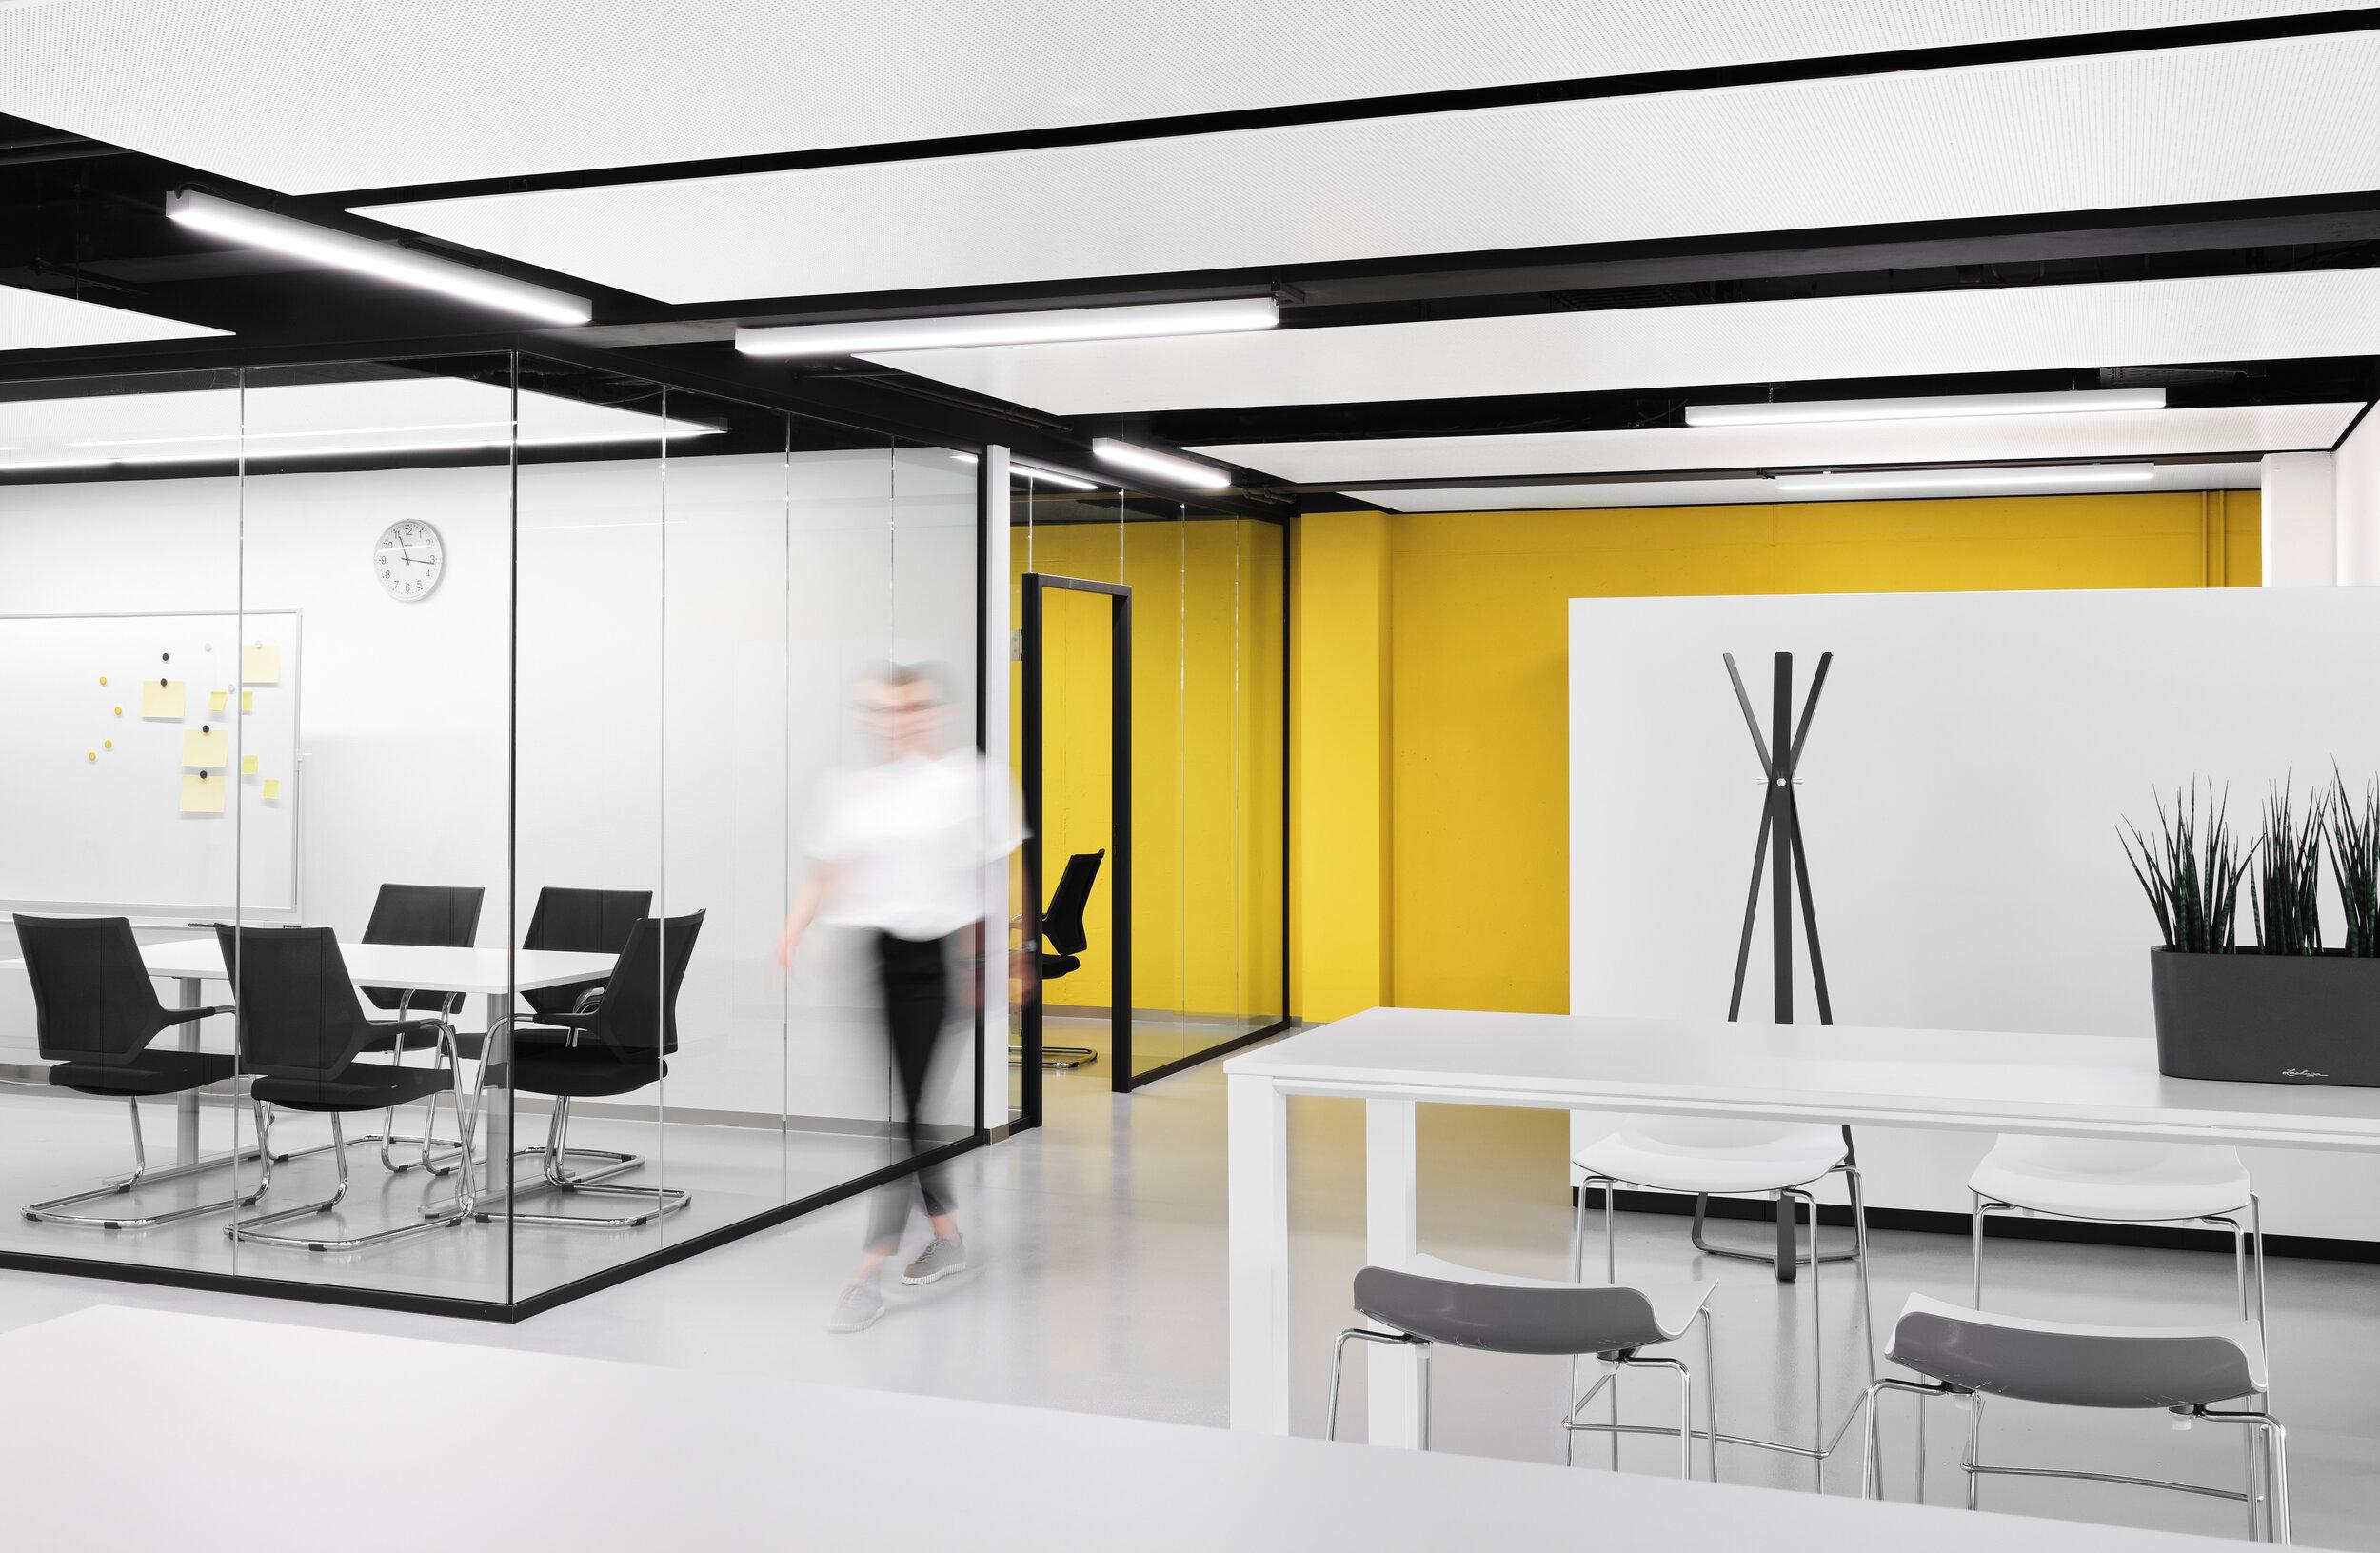 Projekt Industrie — Maler Albrecht